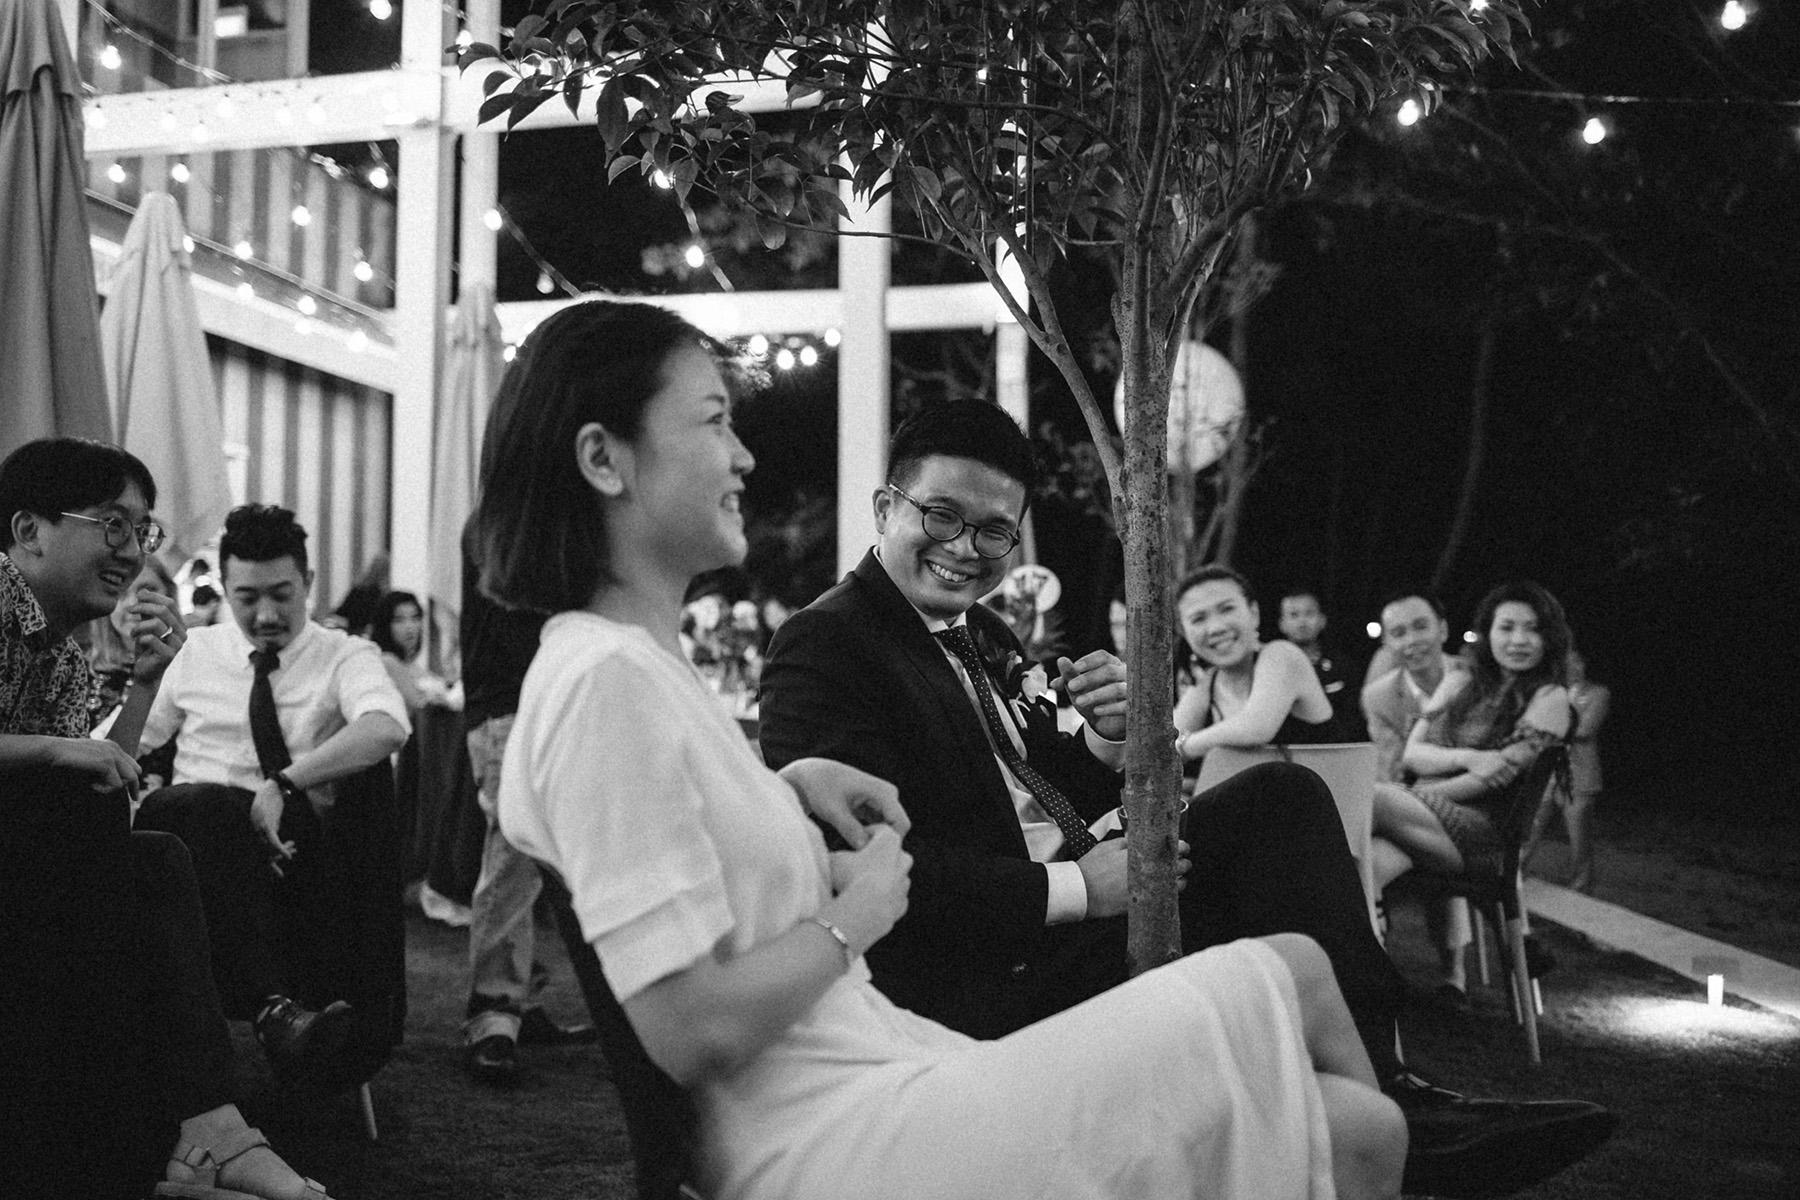 singapore-wedding-photographer-wemadethese-bw-028.jpg